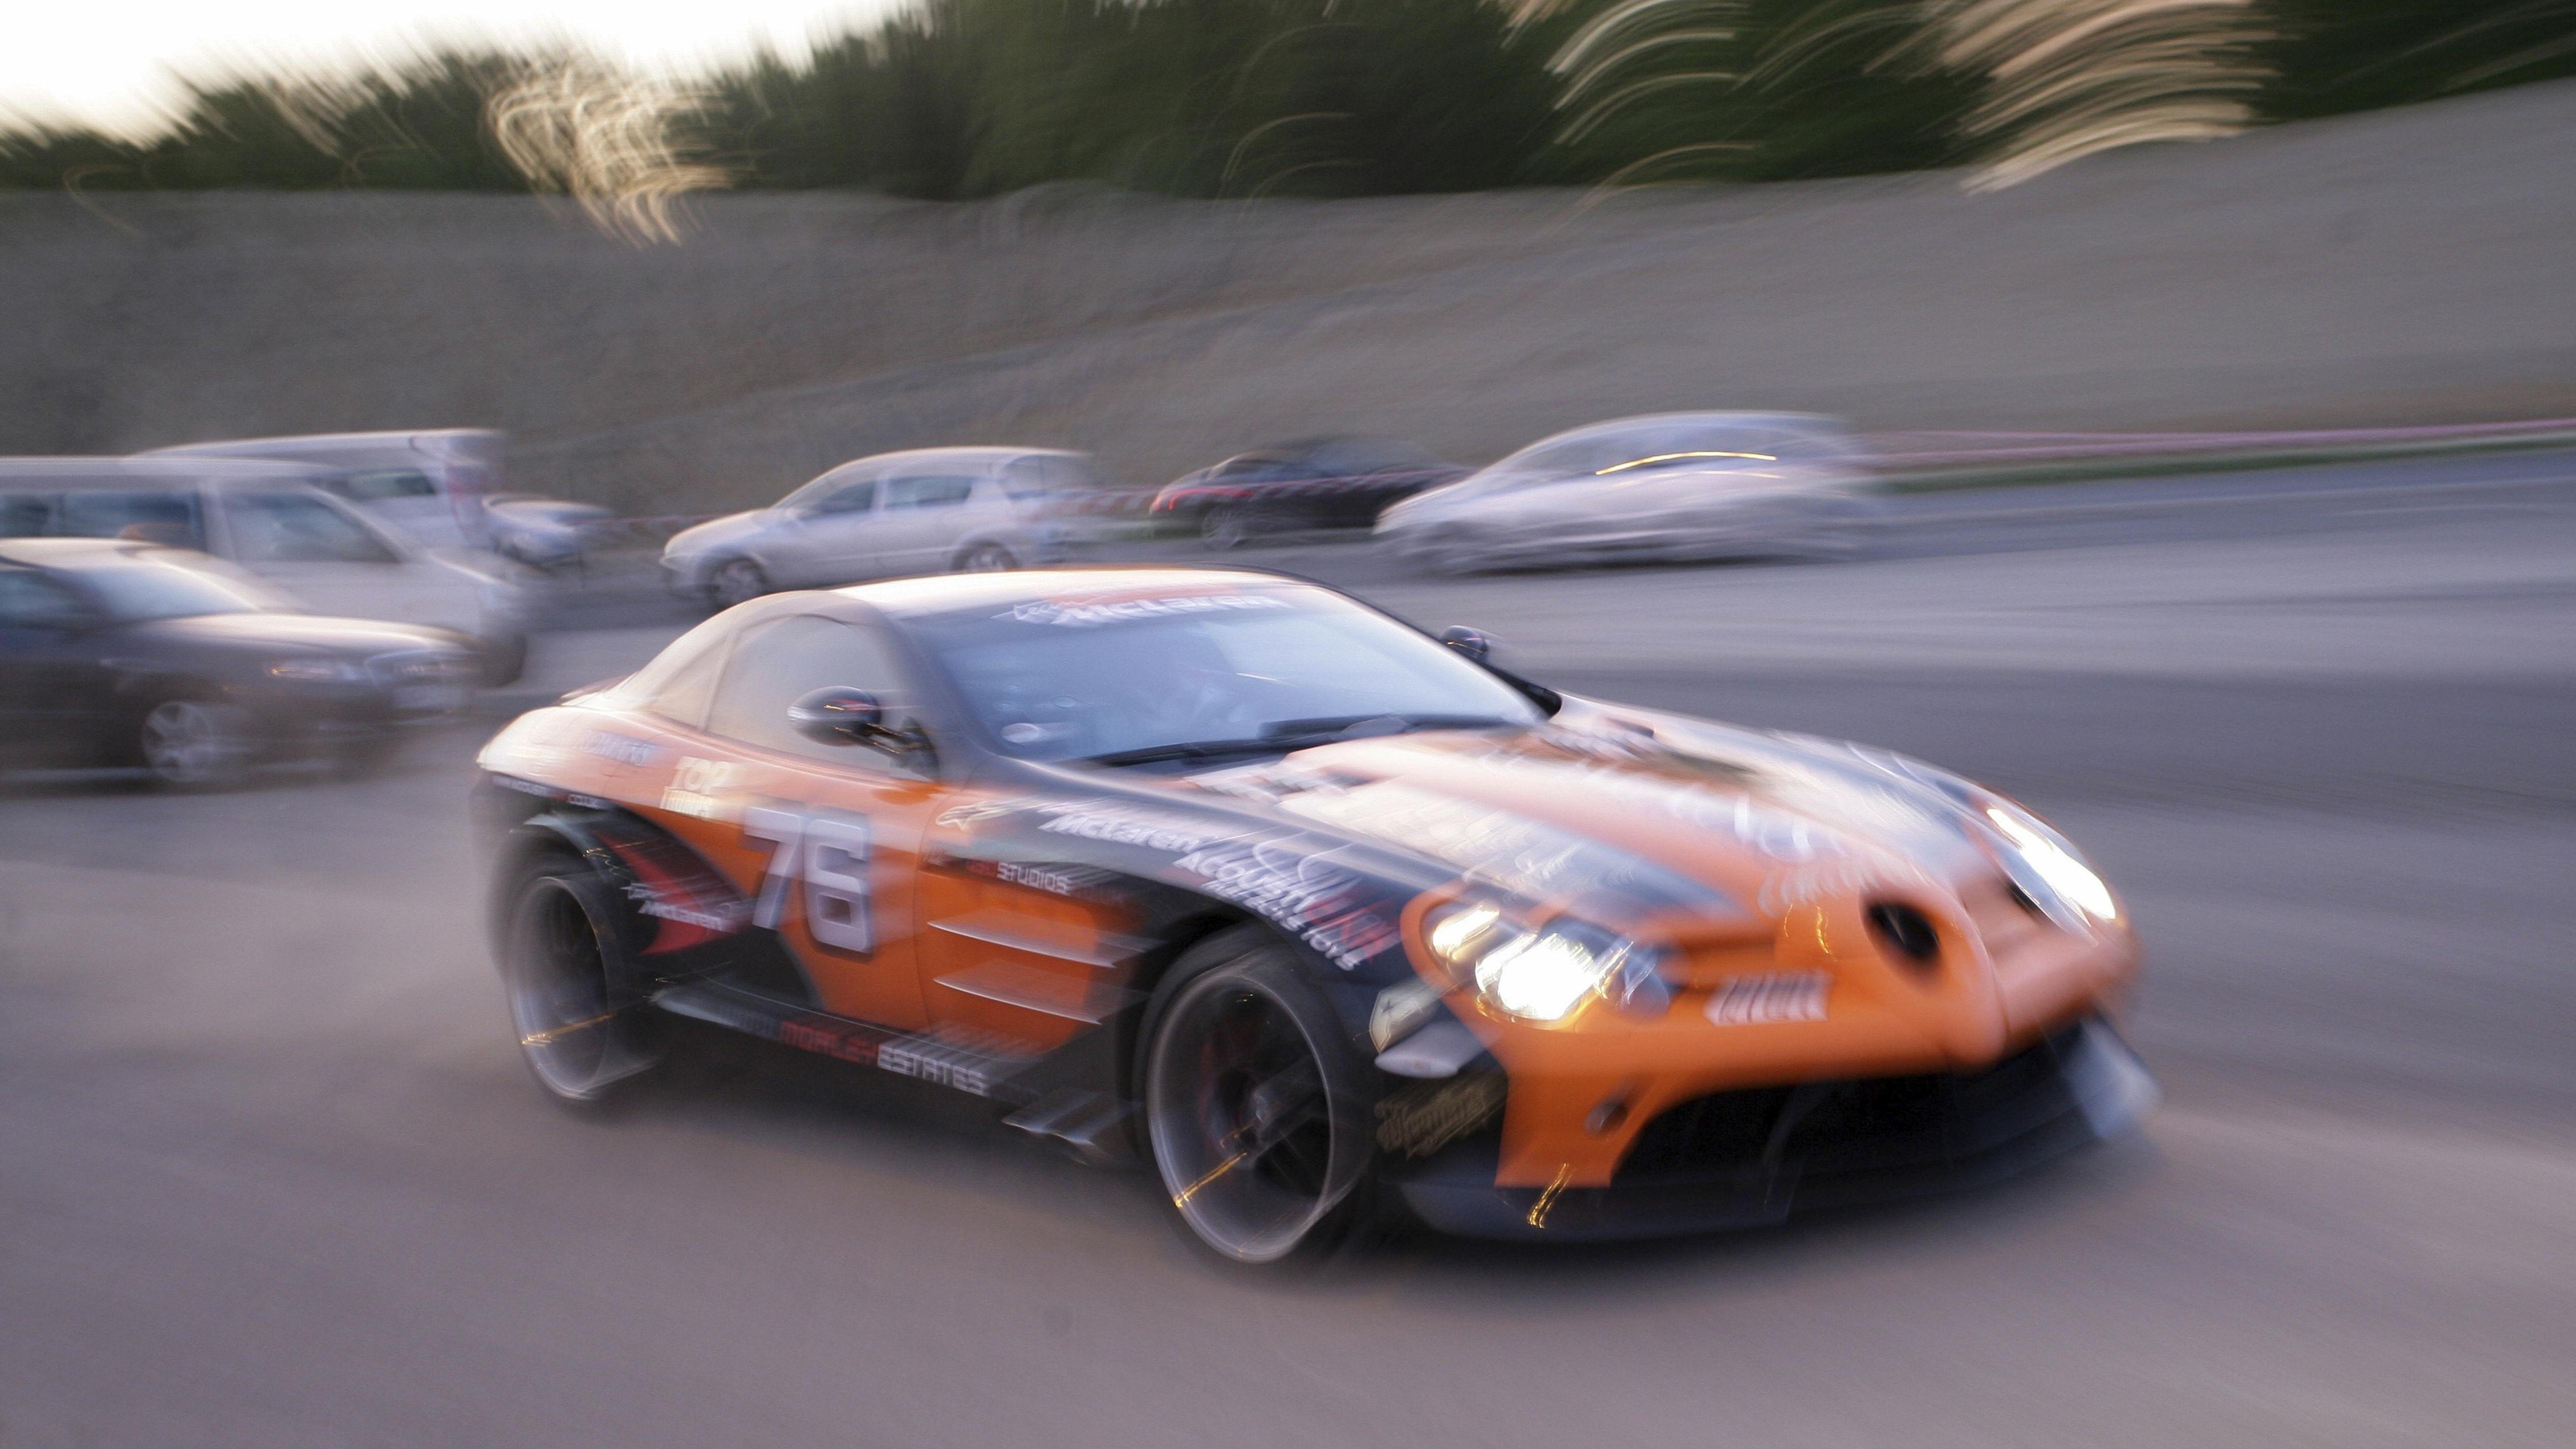 Symbolbild: Ein McLaren-Mercedes bei einem illegalen Autorennen